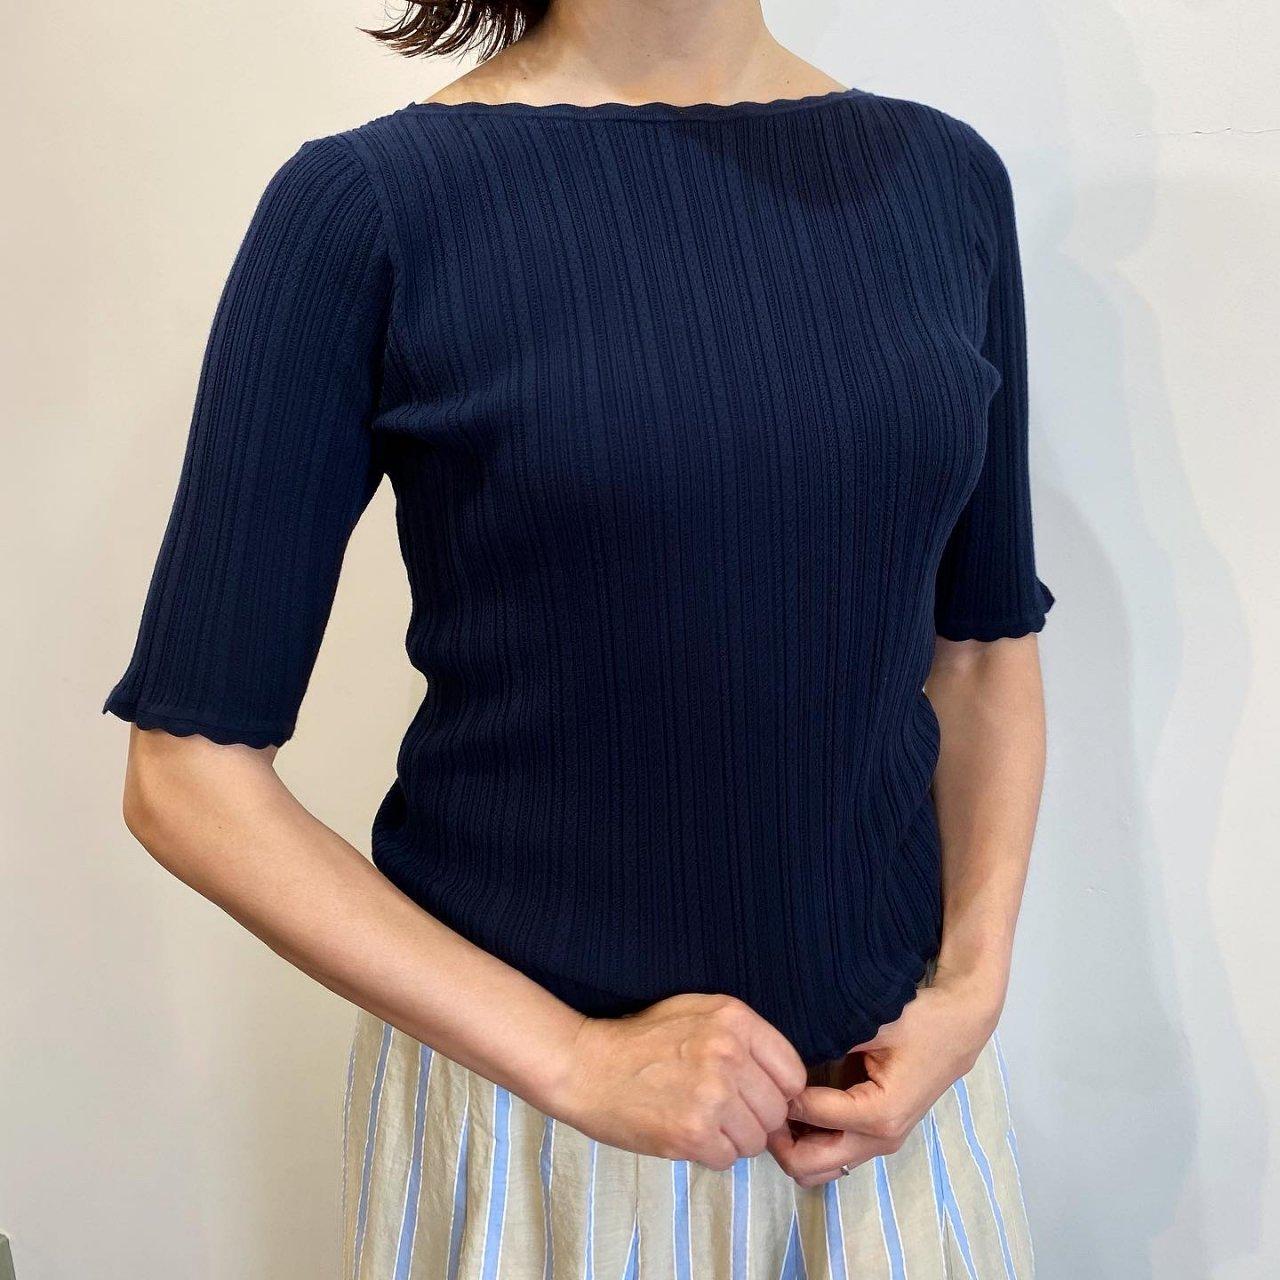 Pale Jute <BR>Eyelet knit B-neck<BR>Navy